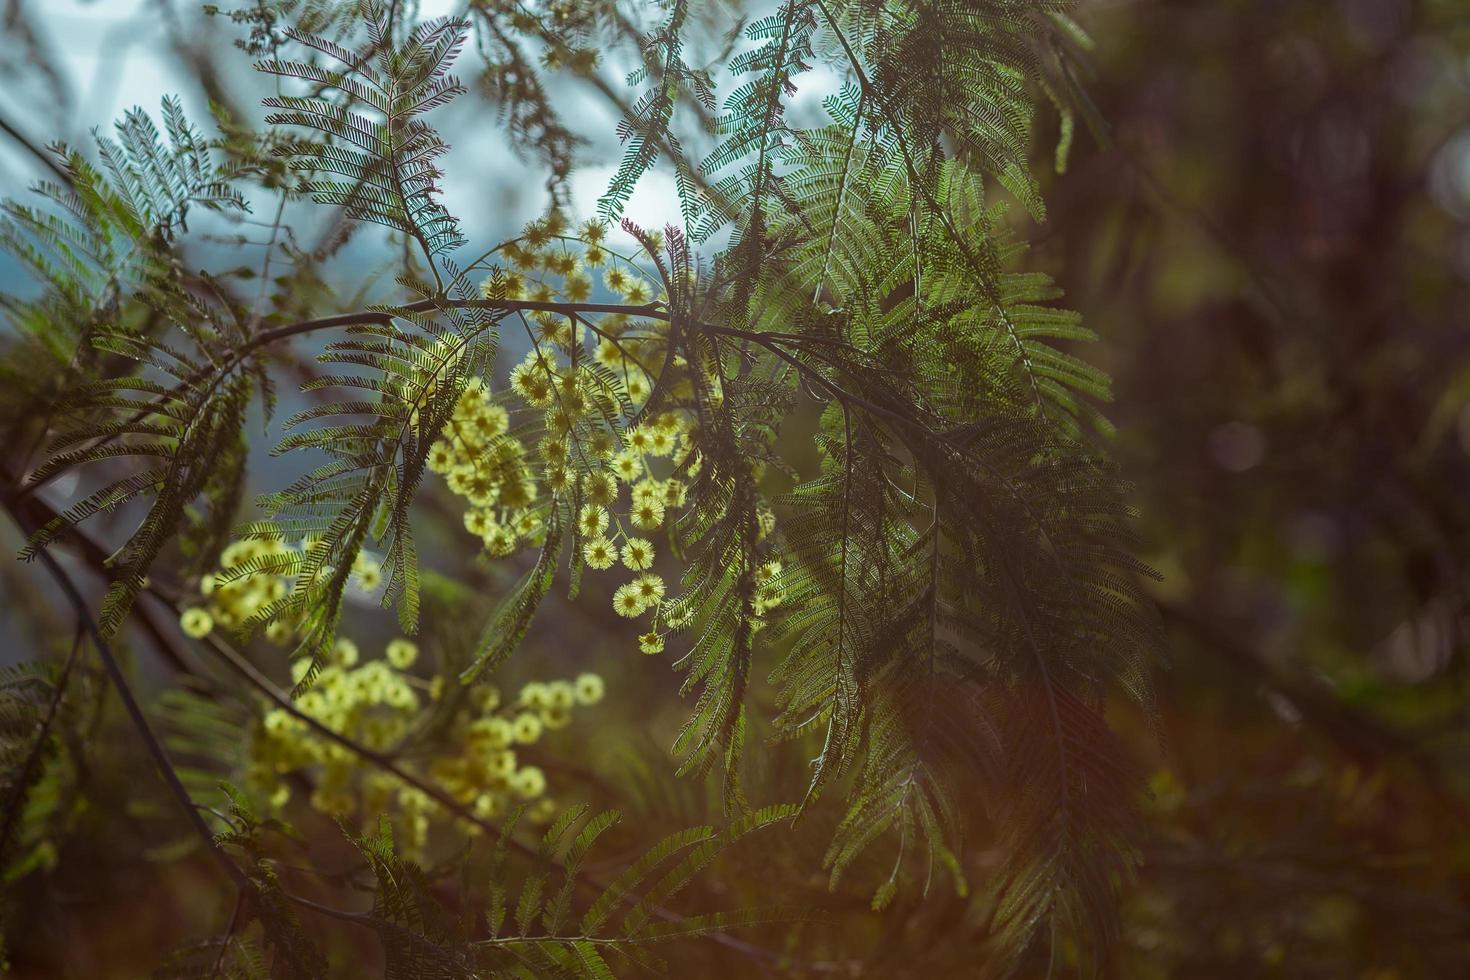 blommorna och bladen av akaciasilver i bakgrundsbelysningen på våren i abkazien foto